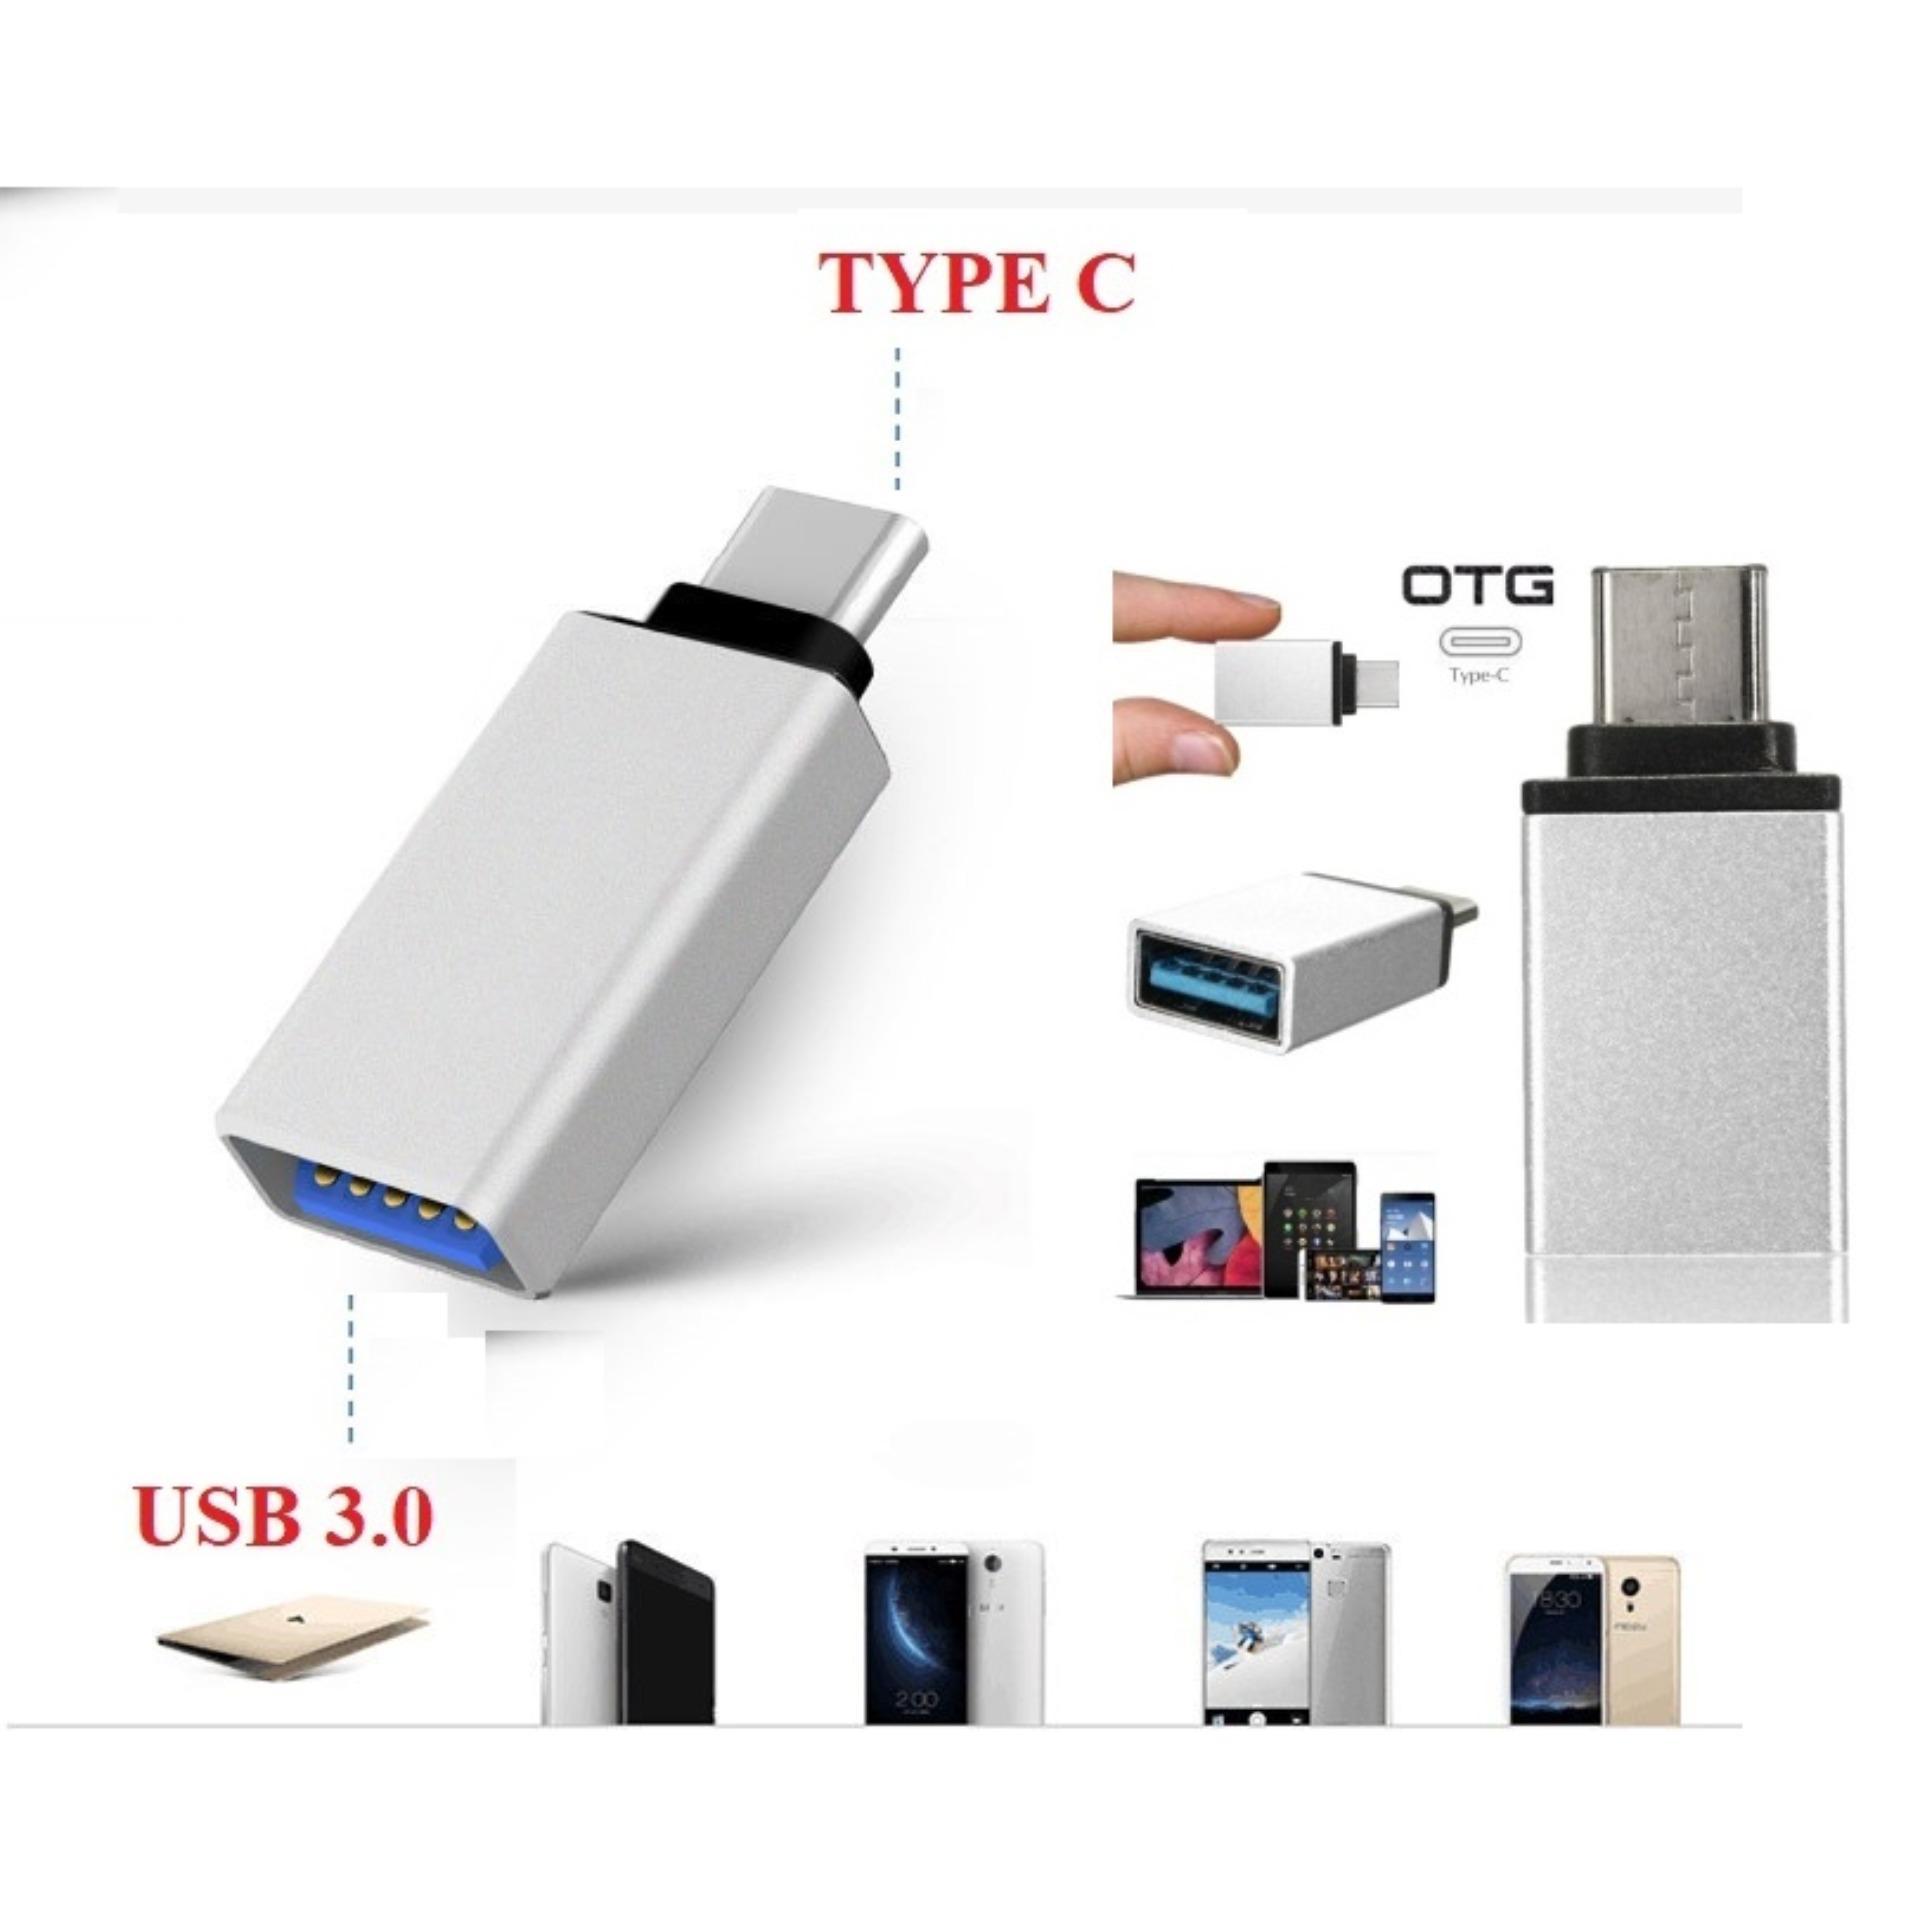 Đầu chuyển USB Type-C ra USB 3.0